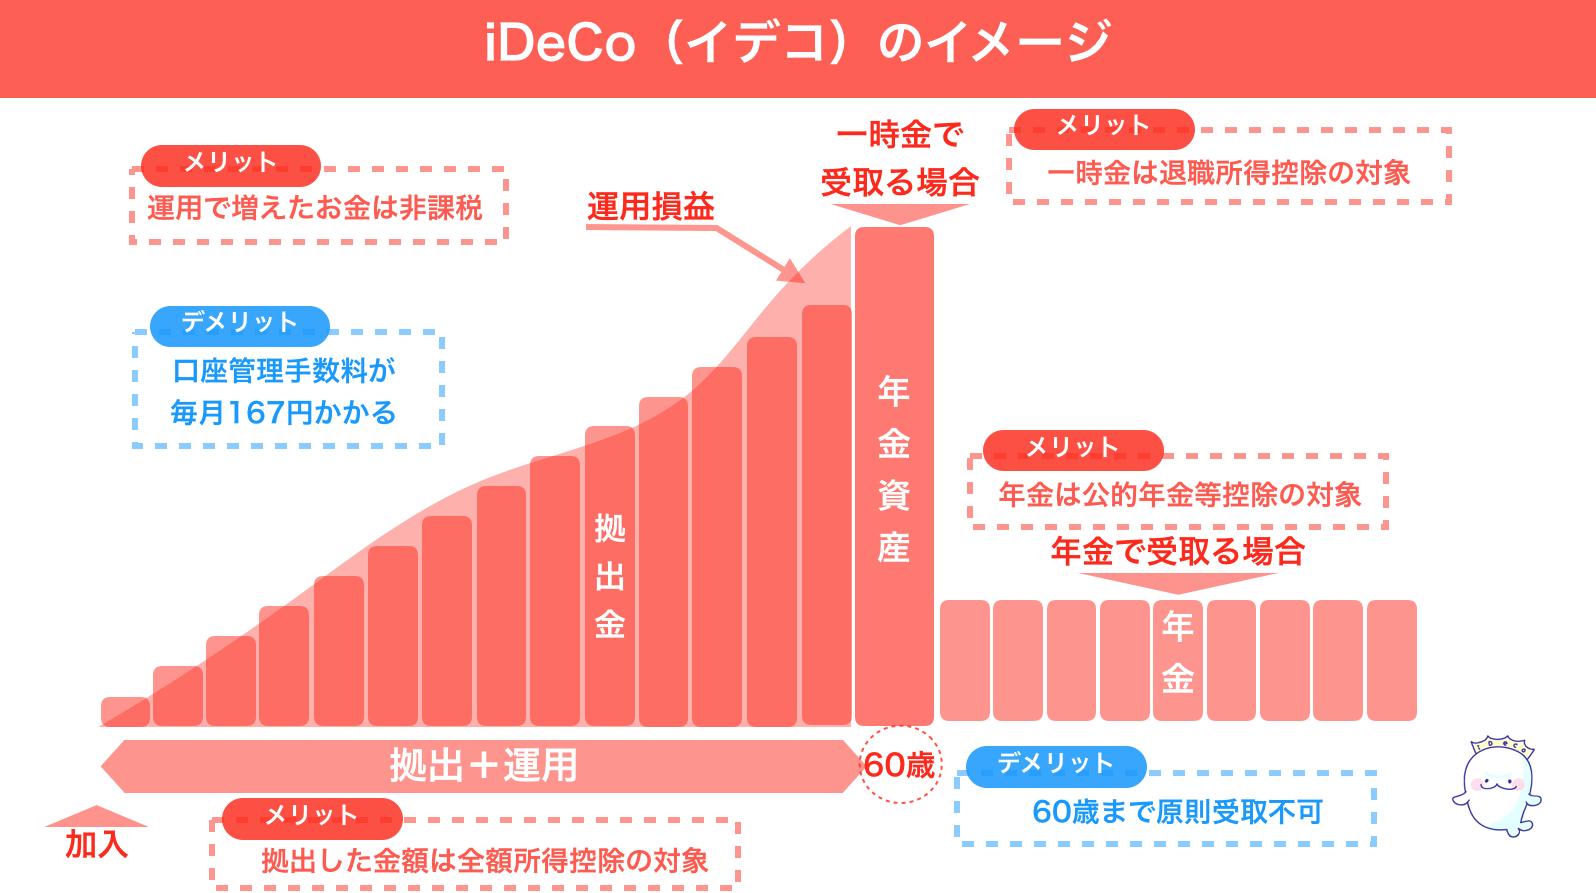 イデコ iDeCo イメージ